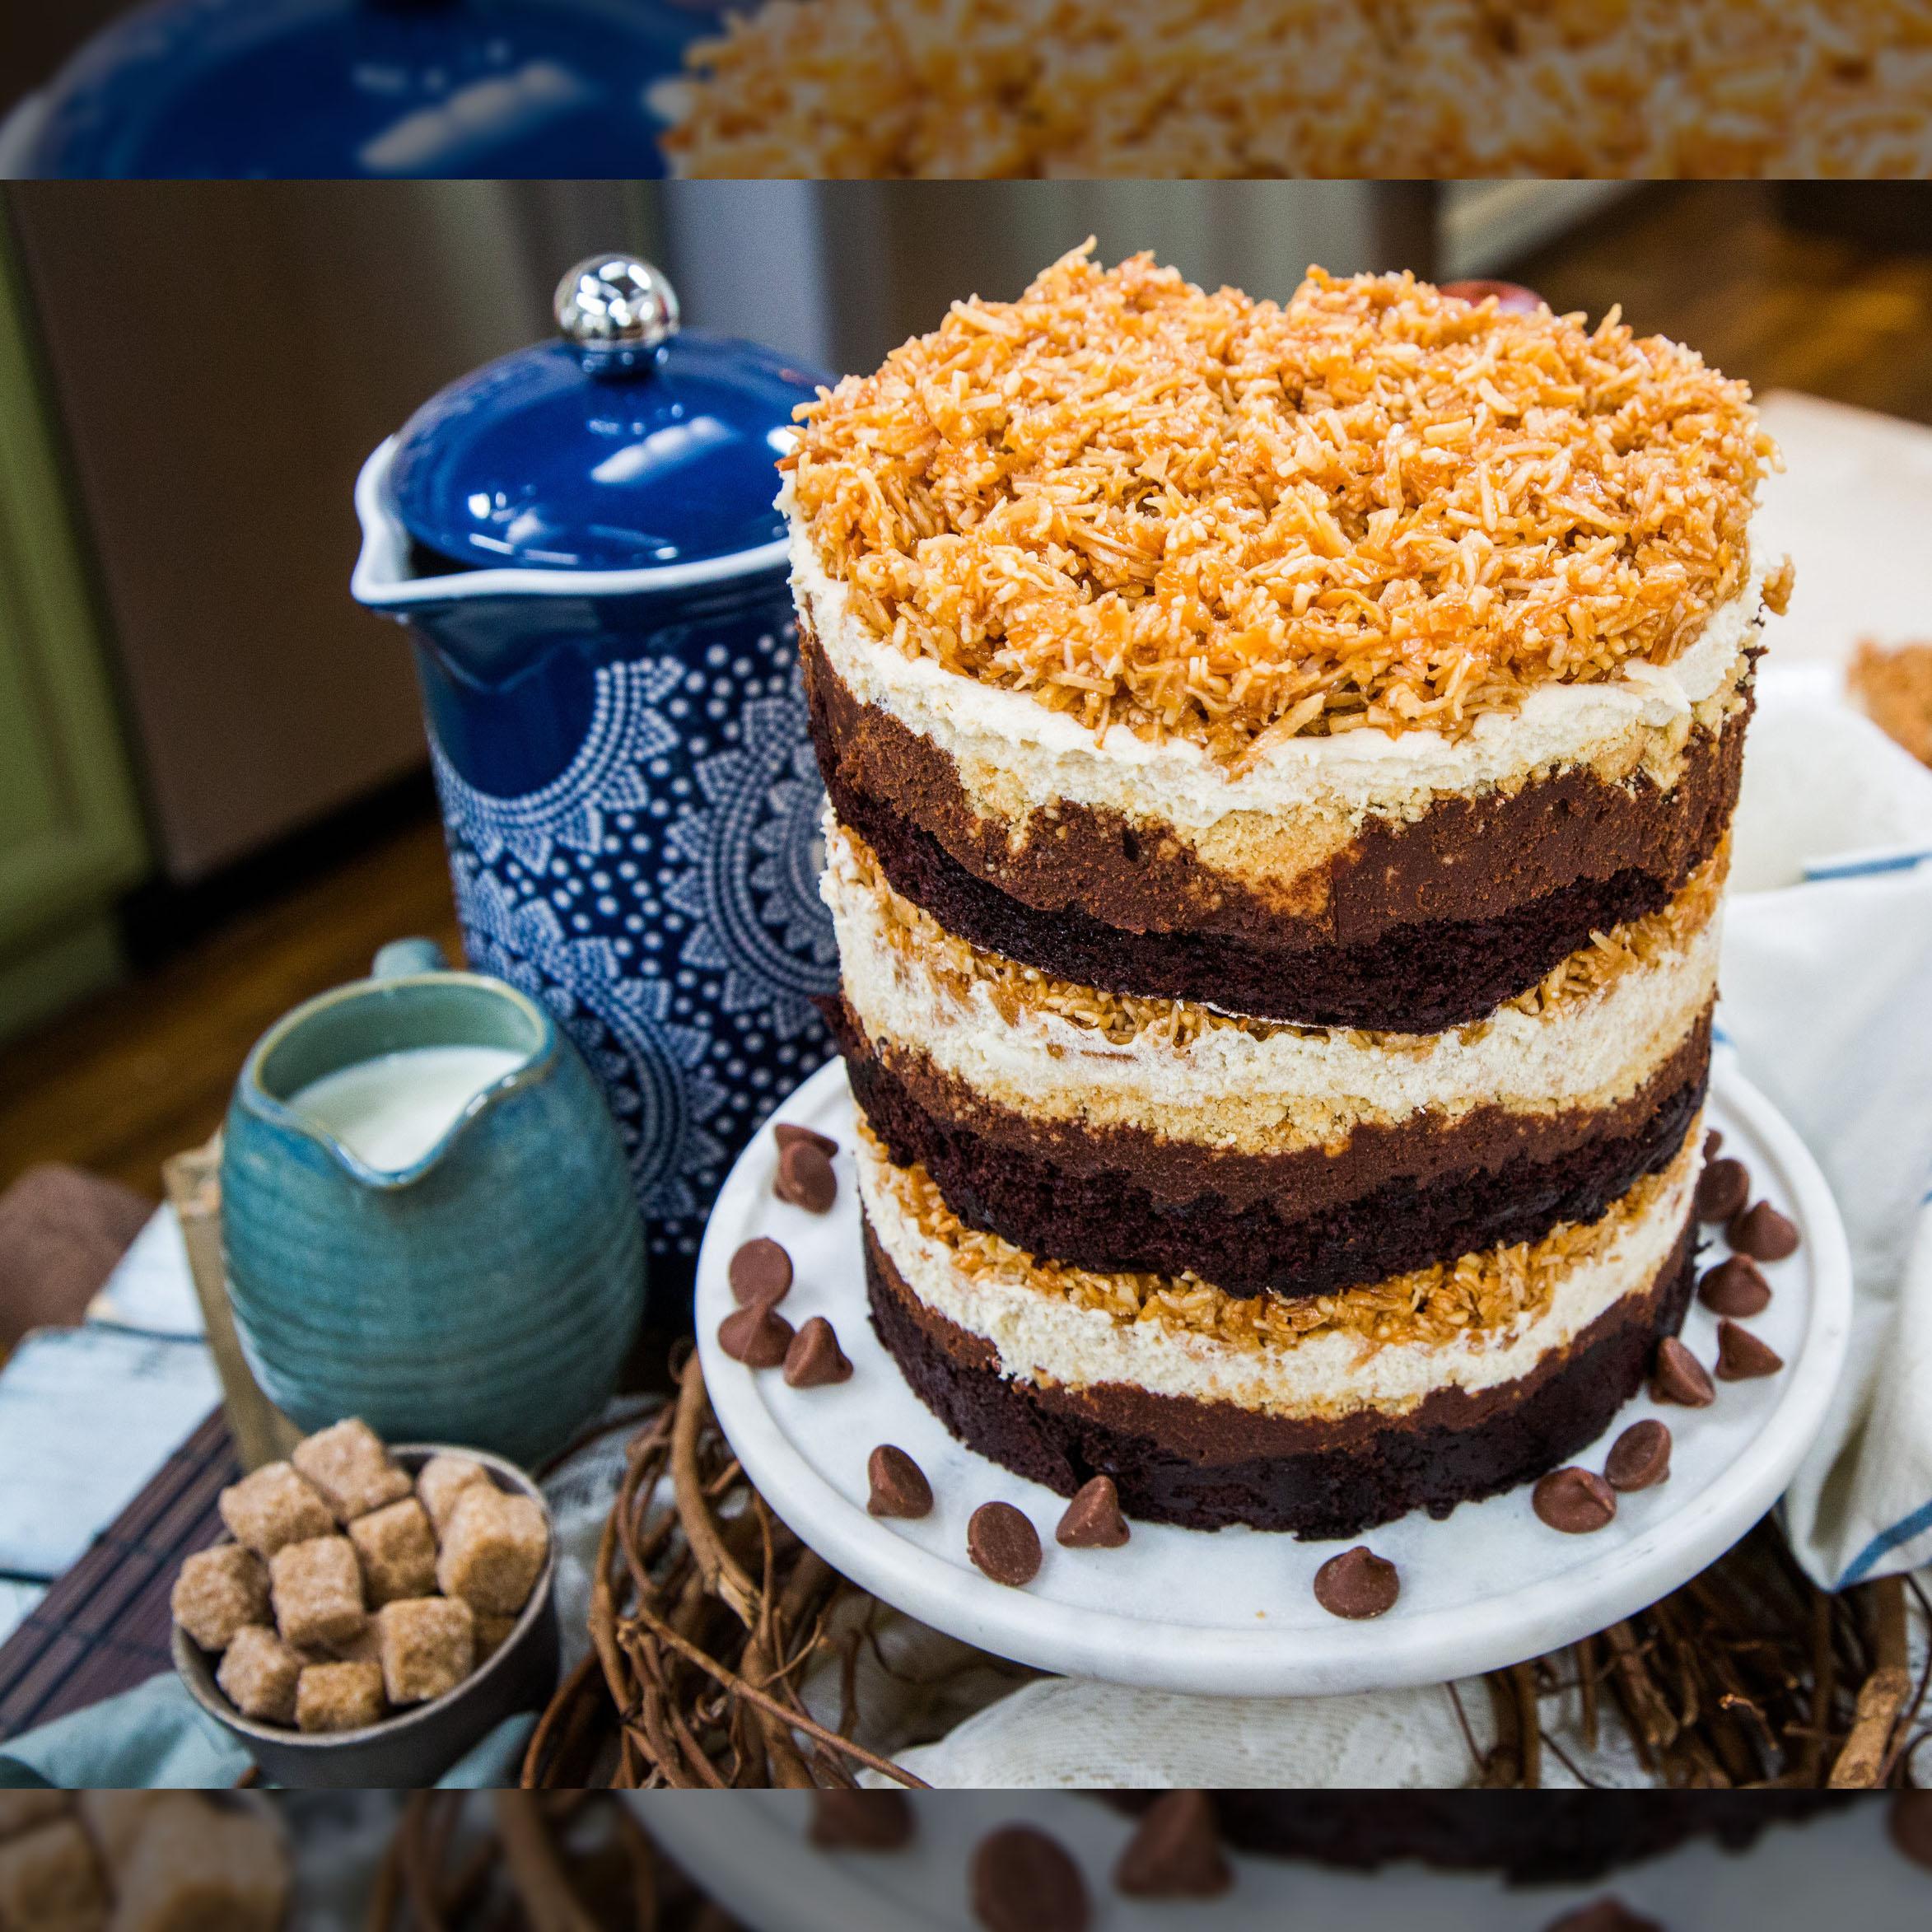 %d8%af%d8%b3%d8%aa%d9%87%e2%80%8c%d8%a8%d9%86%d8%af%db%8c-%d9%86%d8%b4%d8%af%d9%87 چند راه برای برگزاری جشن تولد ارزان home family chocolate coconut cookie cake 1